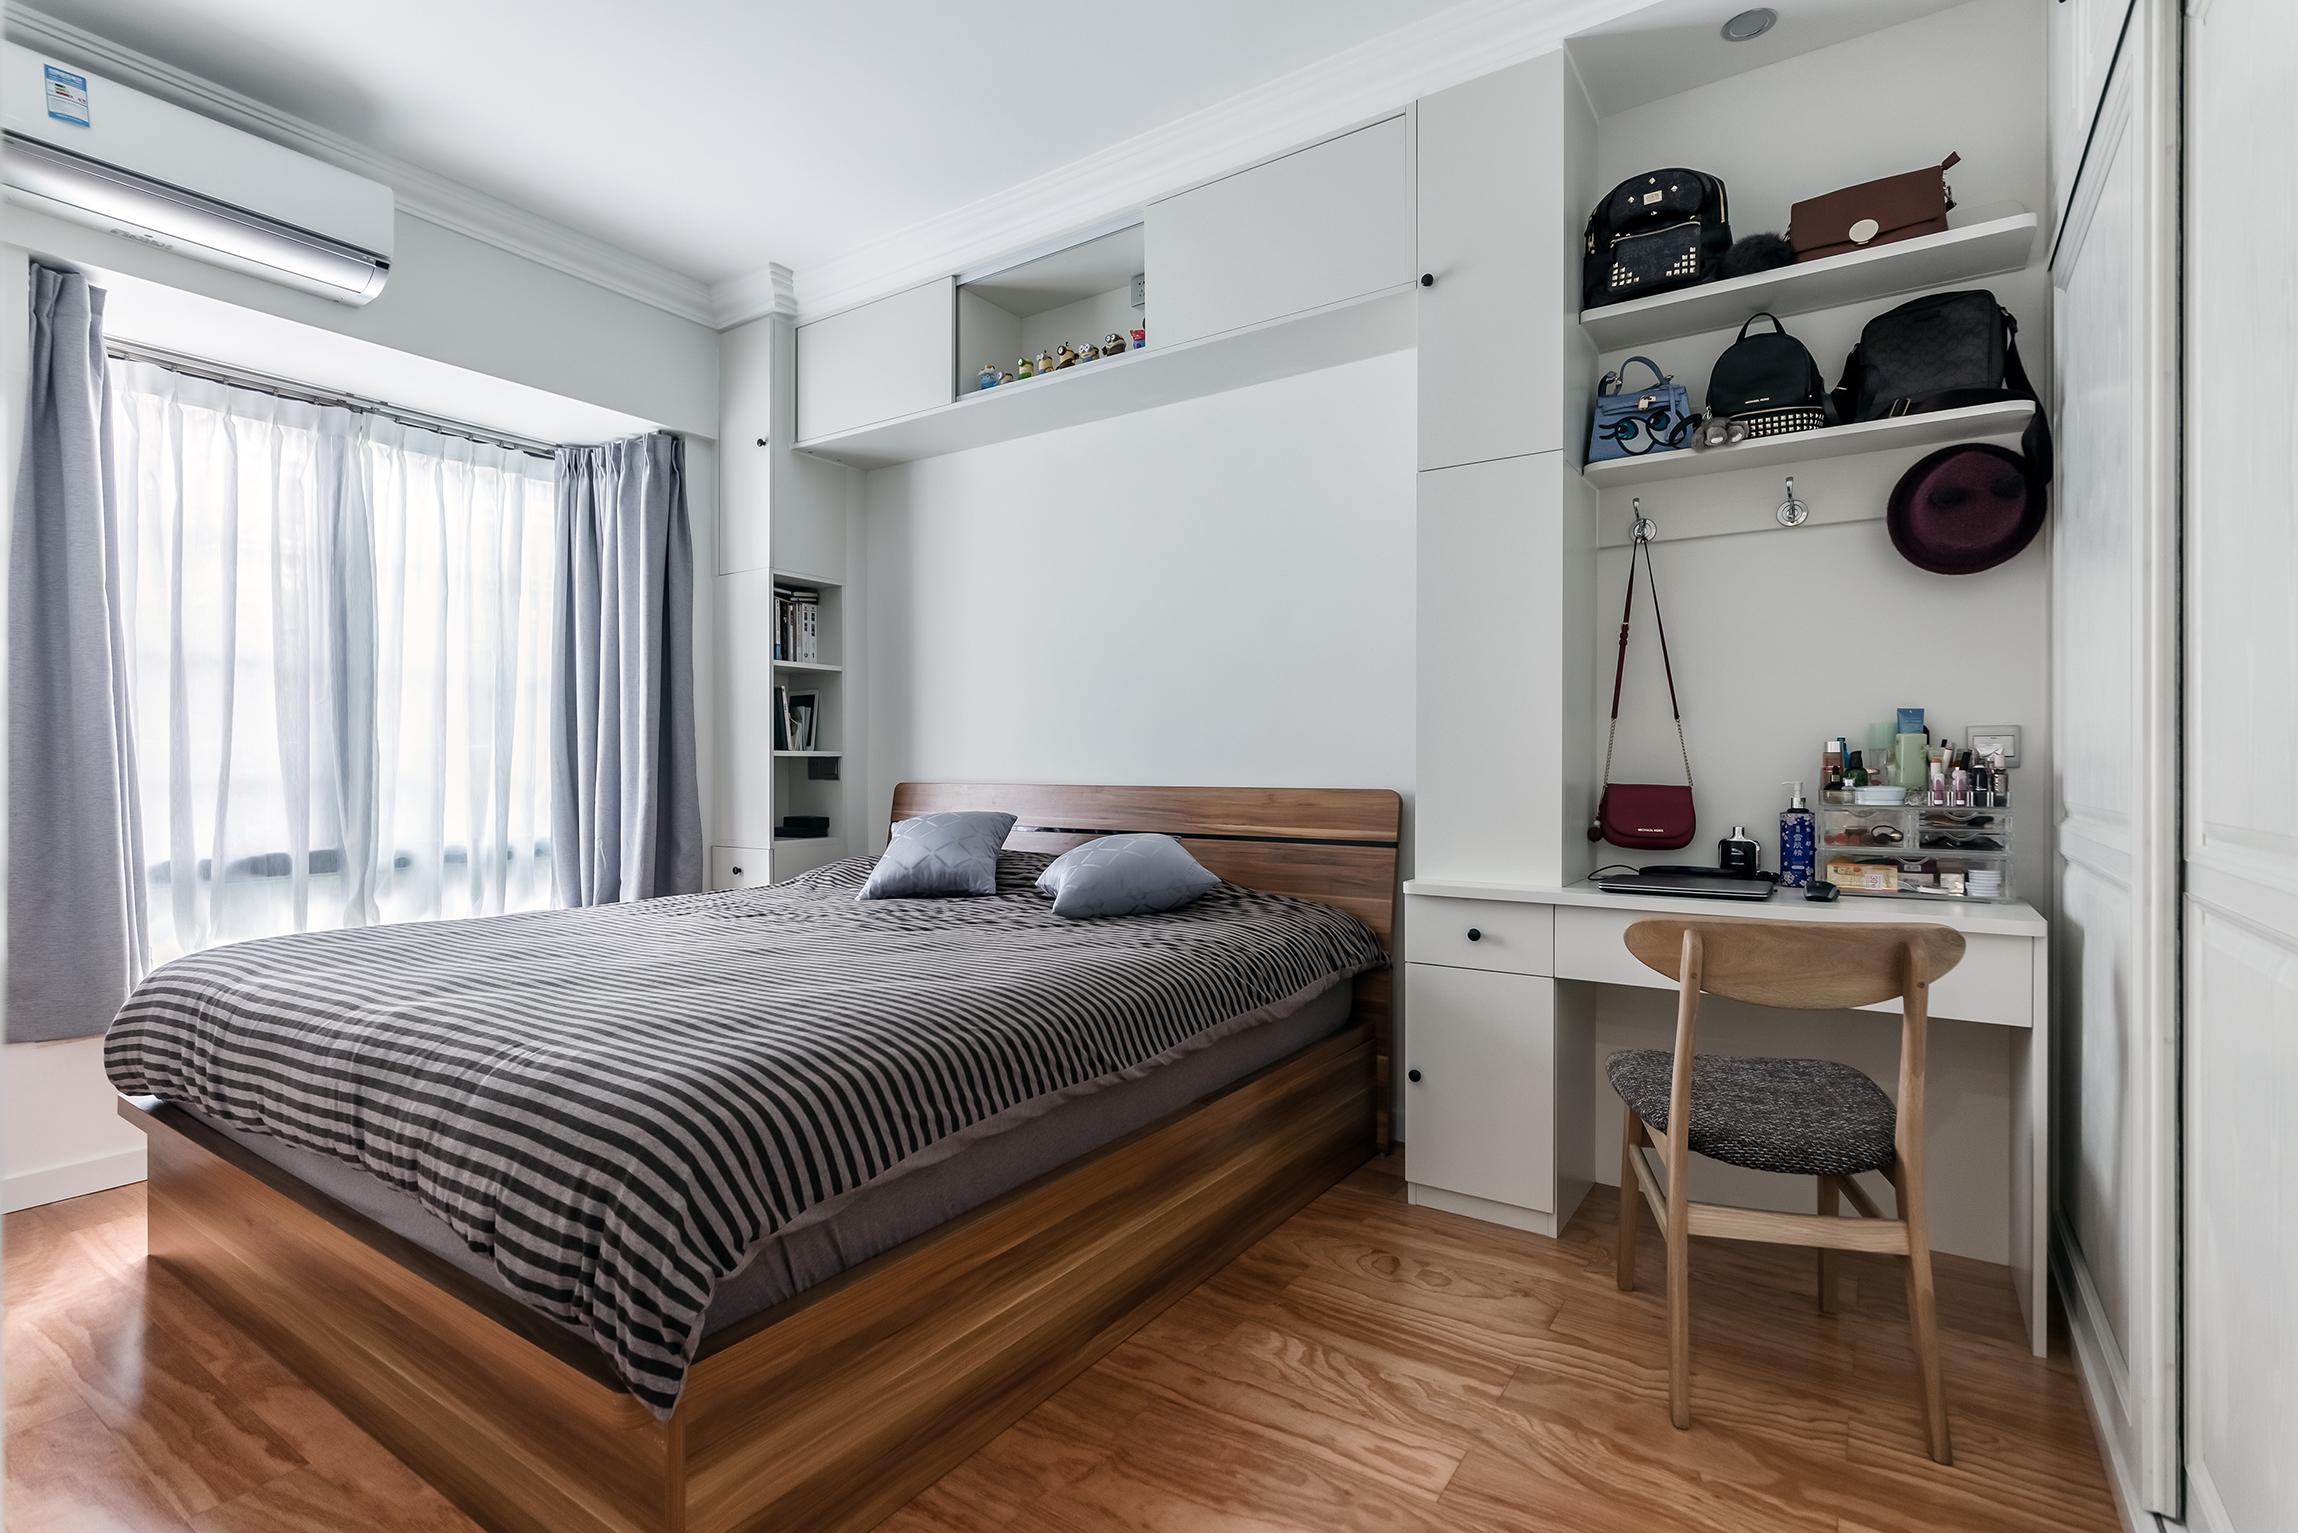 简约实用三房装修卧室设计图